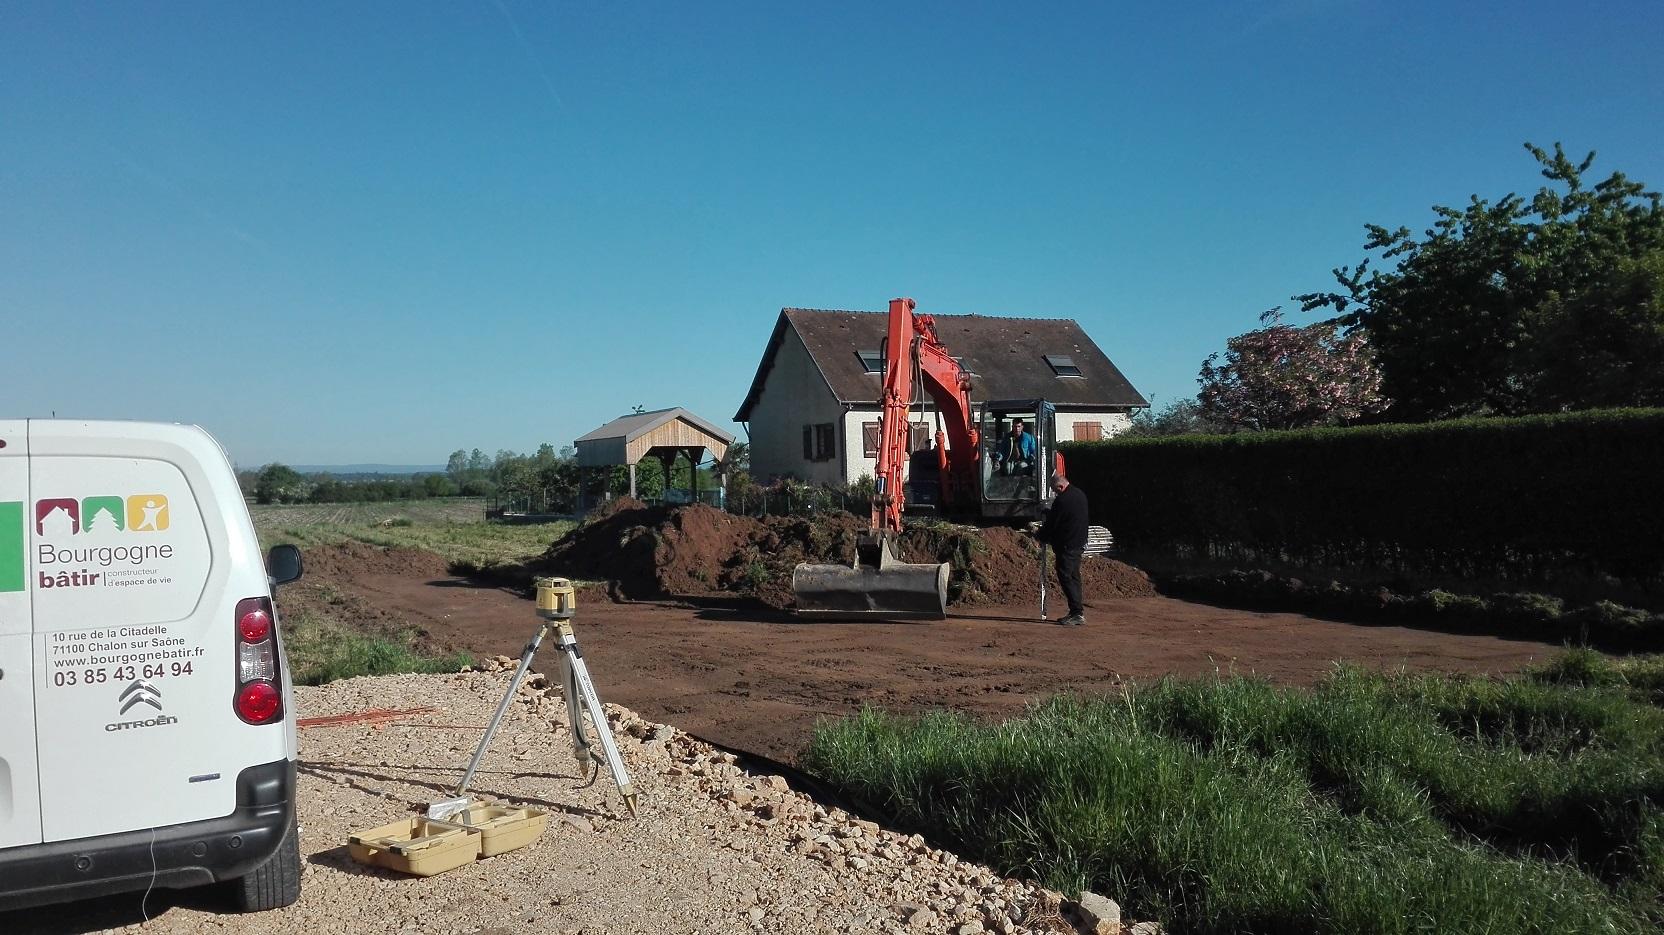 Le Constructeur De Bourgogne démarrage maison individuelle bourgogne bâtir saint maurice